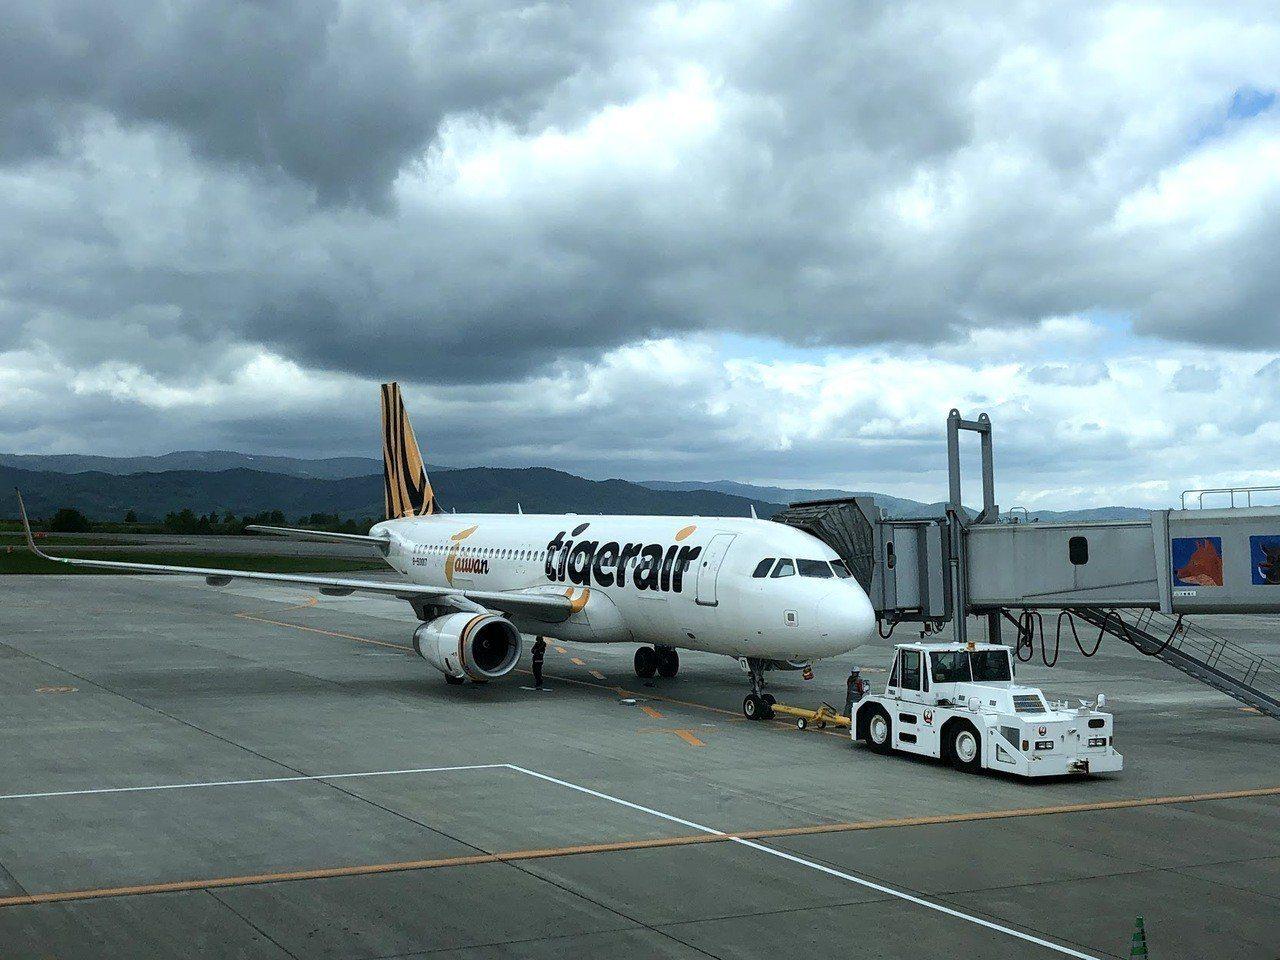 因應關西機場關閉,台灣虎航在鄰近的名古屋機場,增加加班機,預計9月7日、11日往...